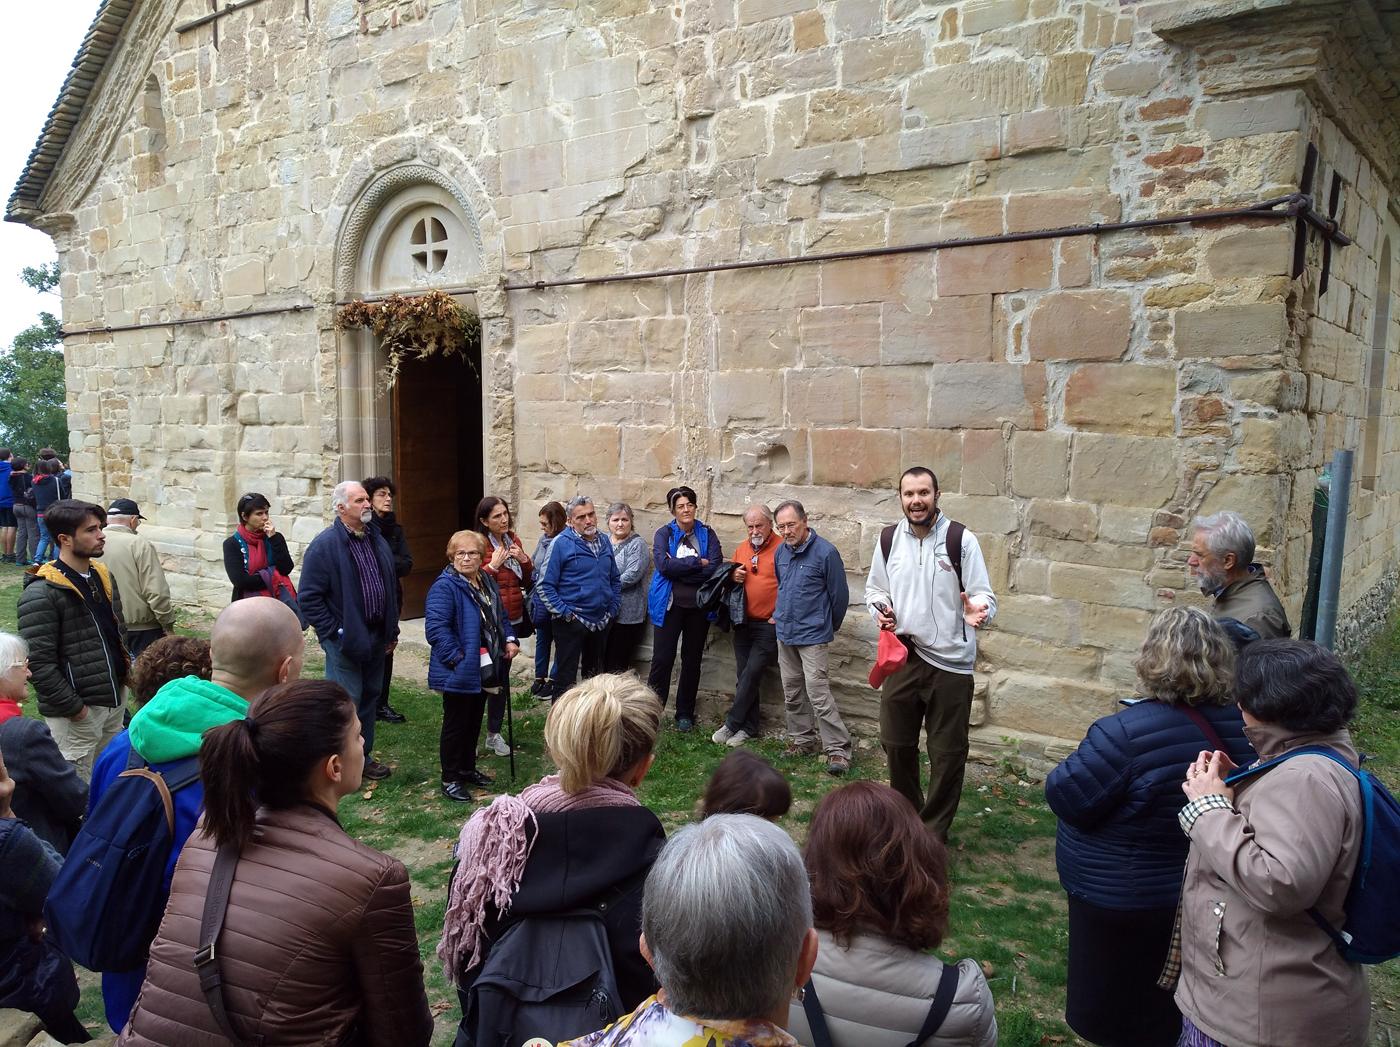 Resistenza Appennino reggiano - La tappa narrativa presso la pieve matildica di Toano. Foto di Paola Gemelli